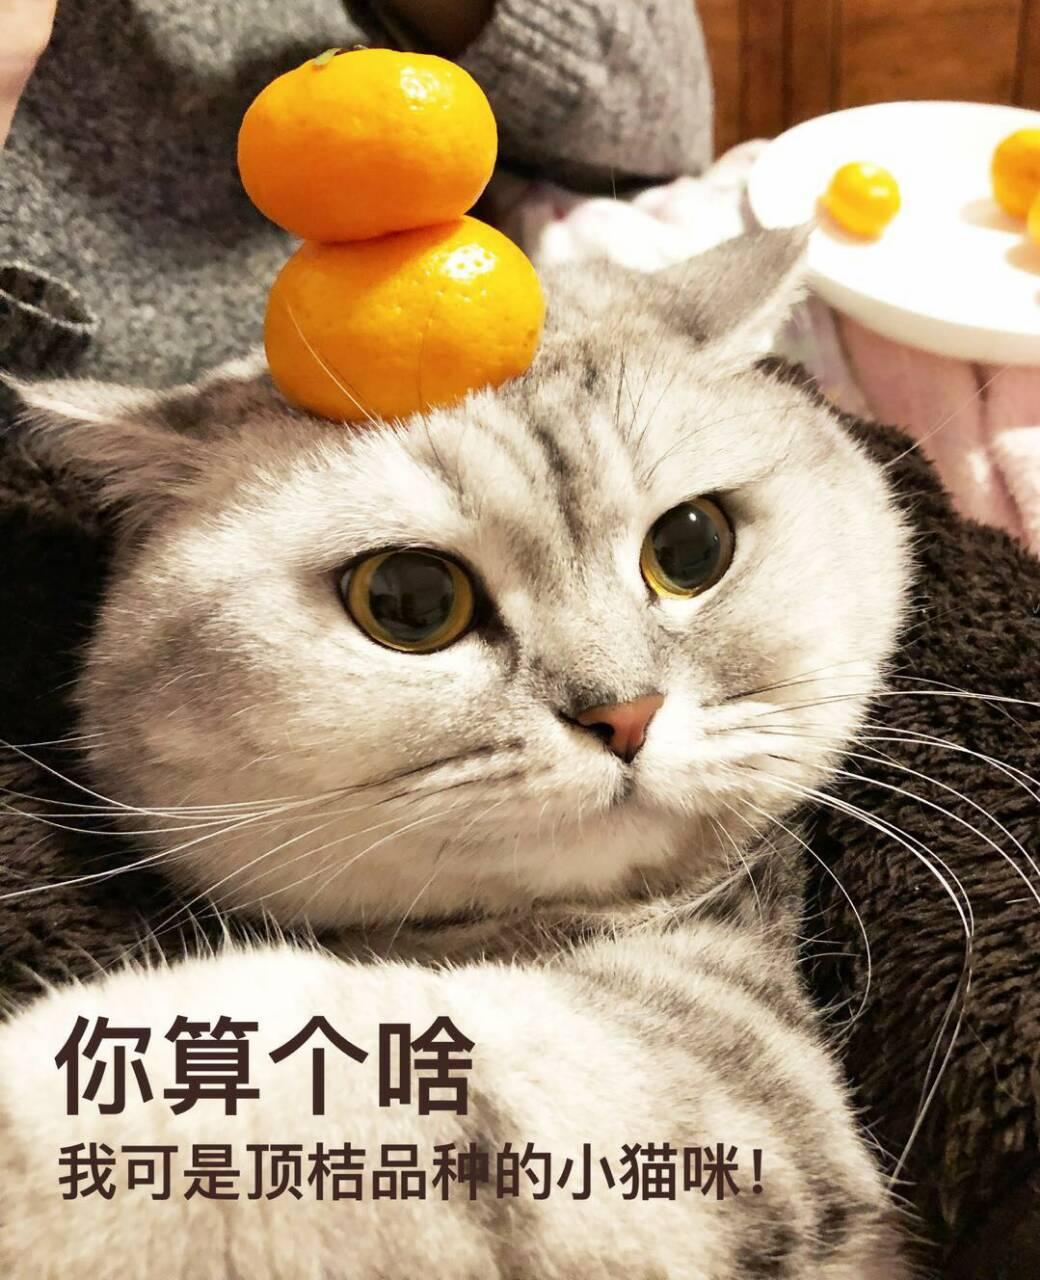 你算个啥我可是顶桔品种的小猫咪